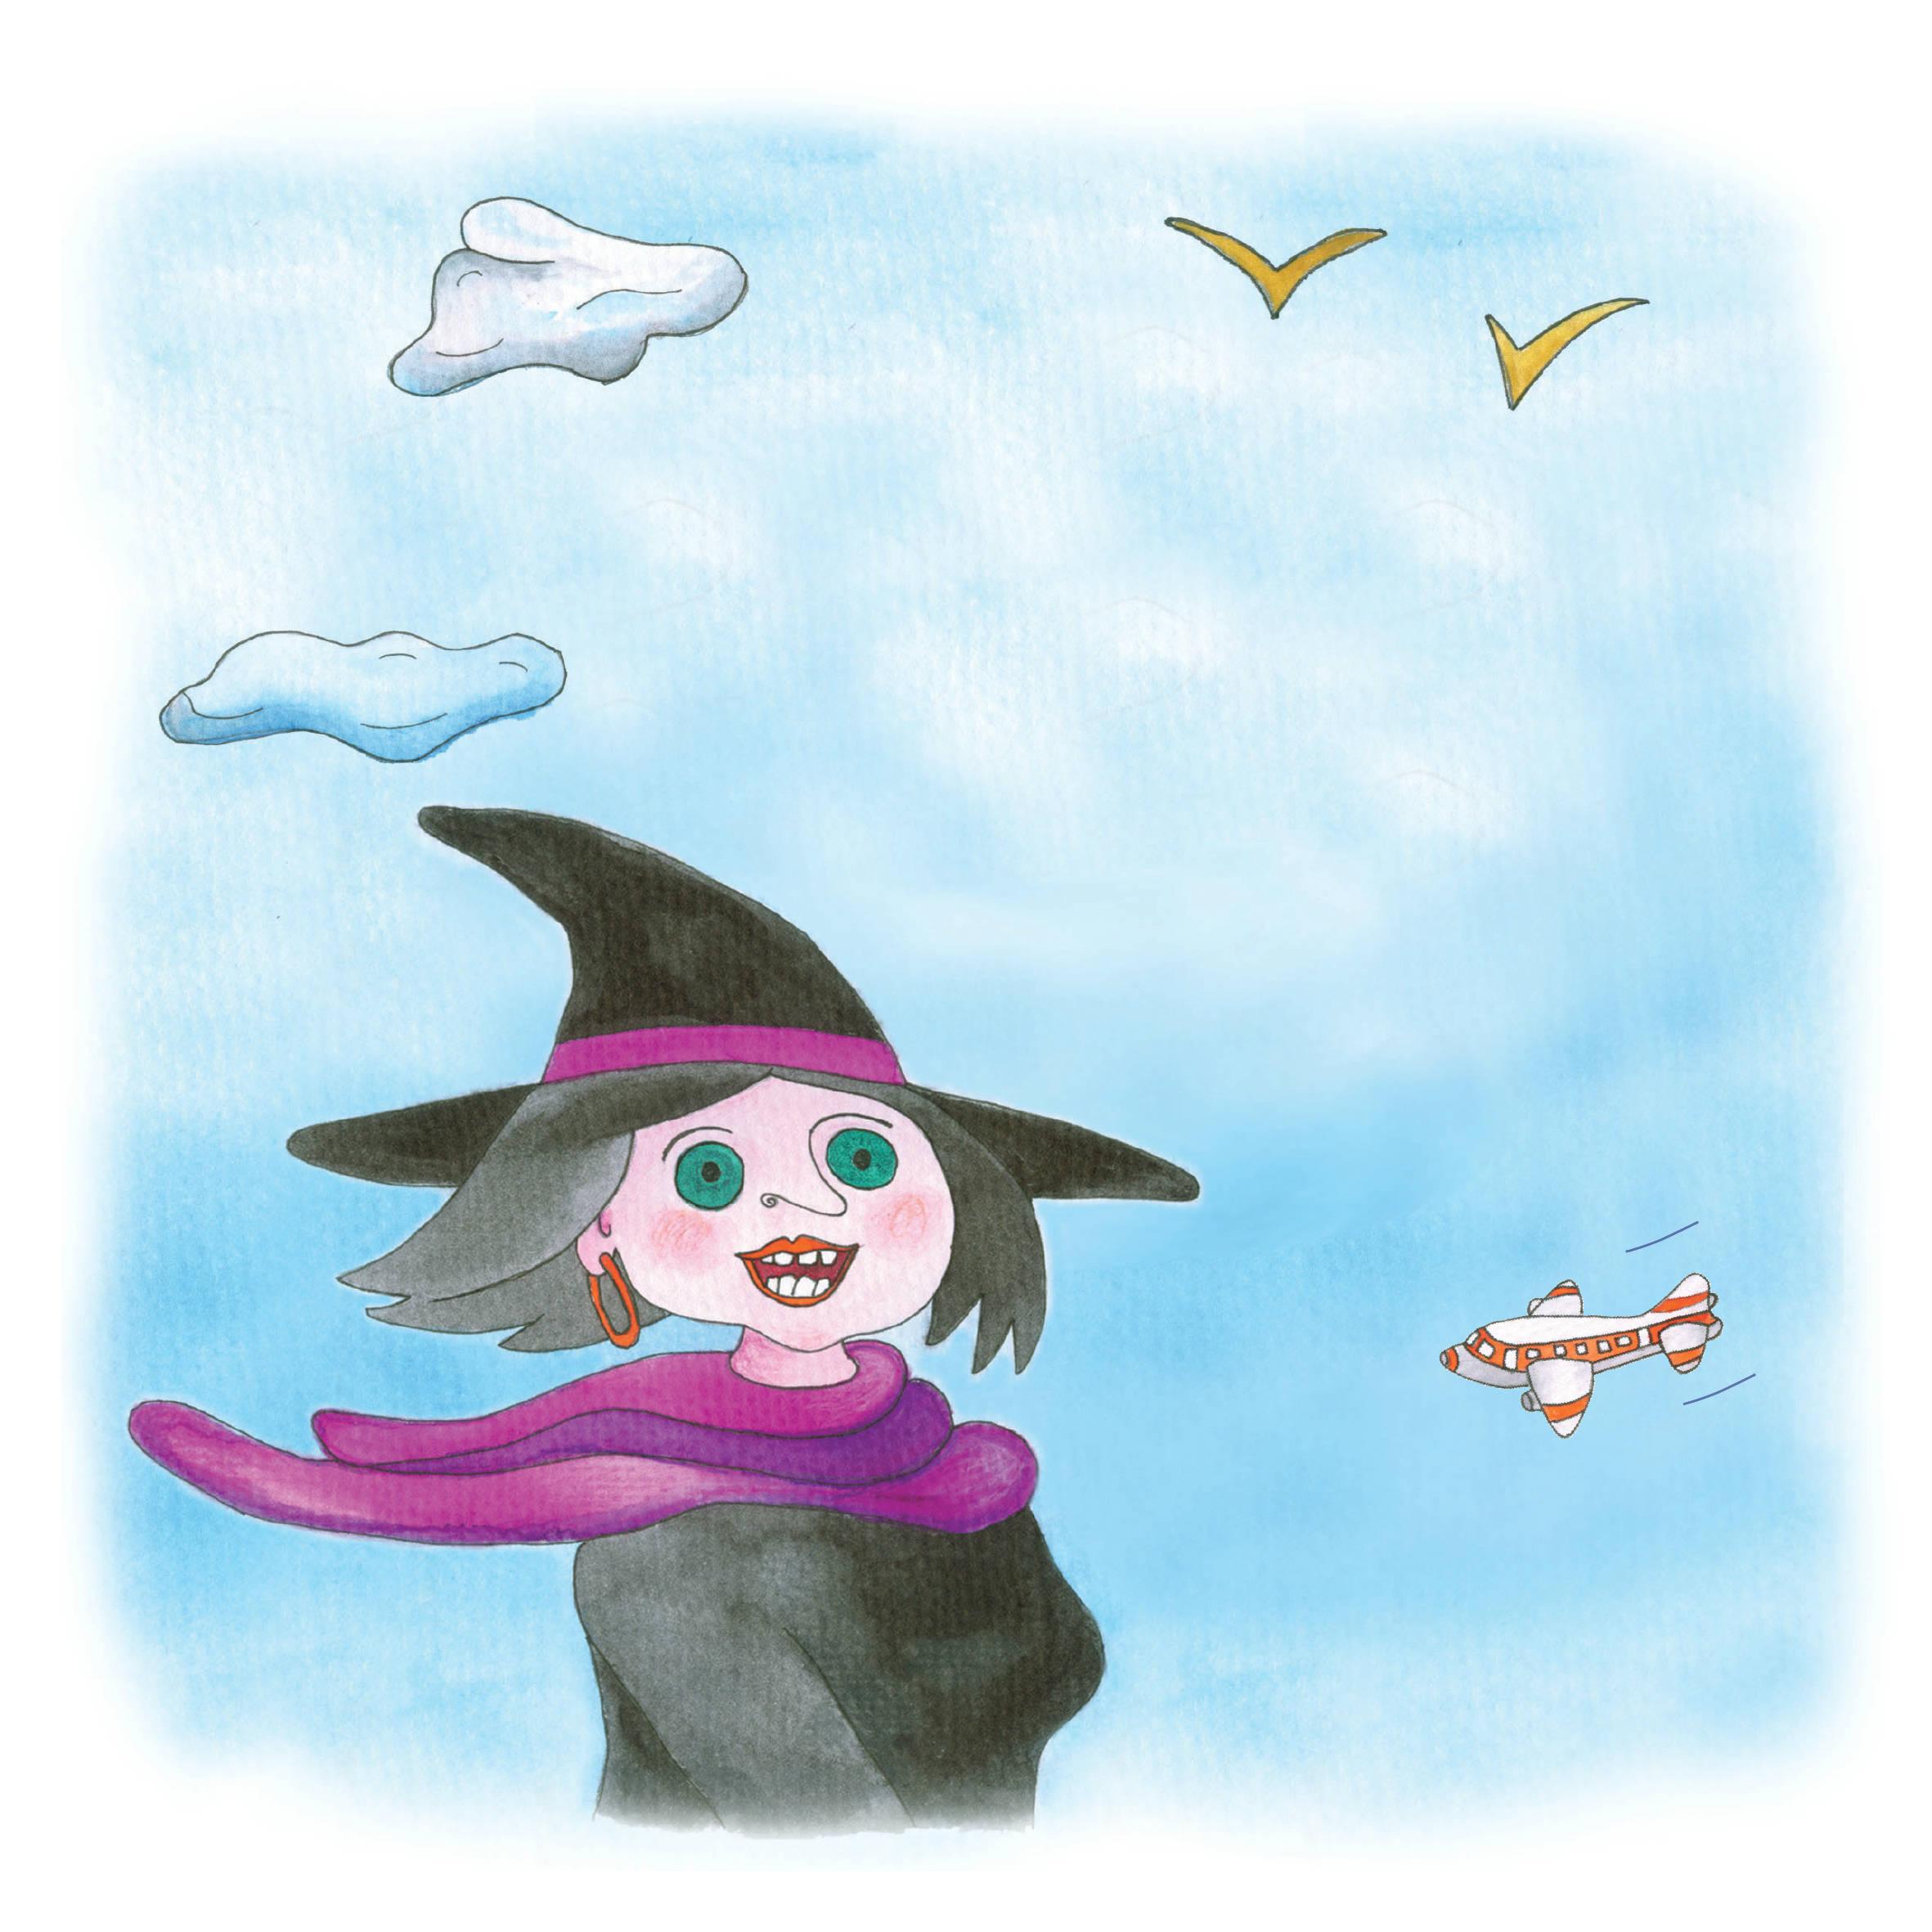 """ואפילו המכשפה פניה הסתכלה יום אחד במראה ועפה לקבוע תור אצל ד""""ר שנדור. איירה: טלי ניב-דולינסקי"""